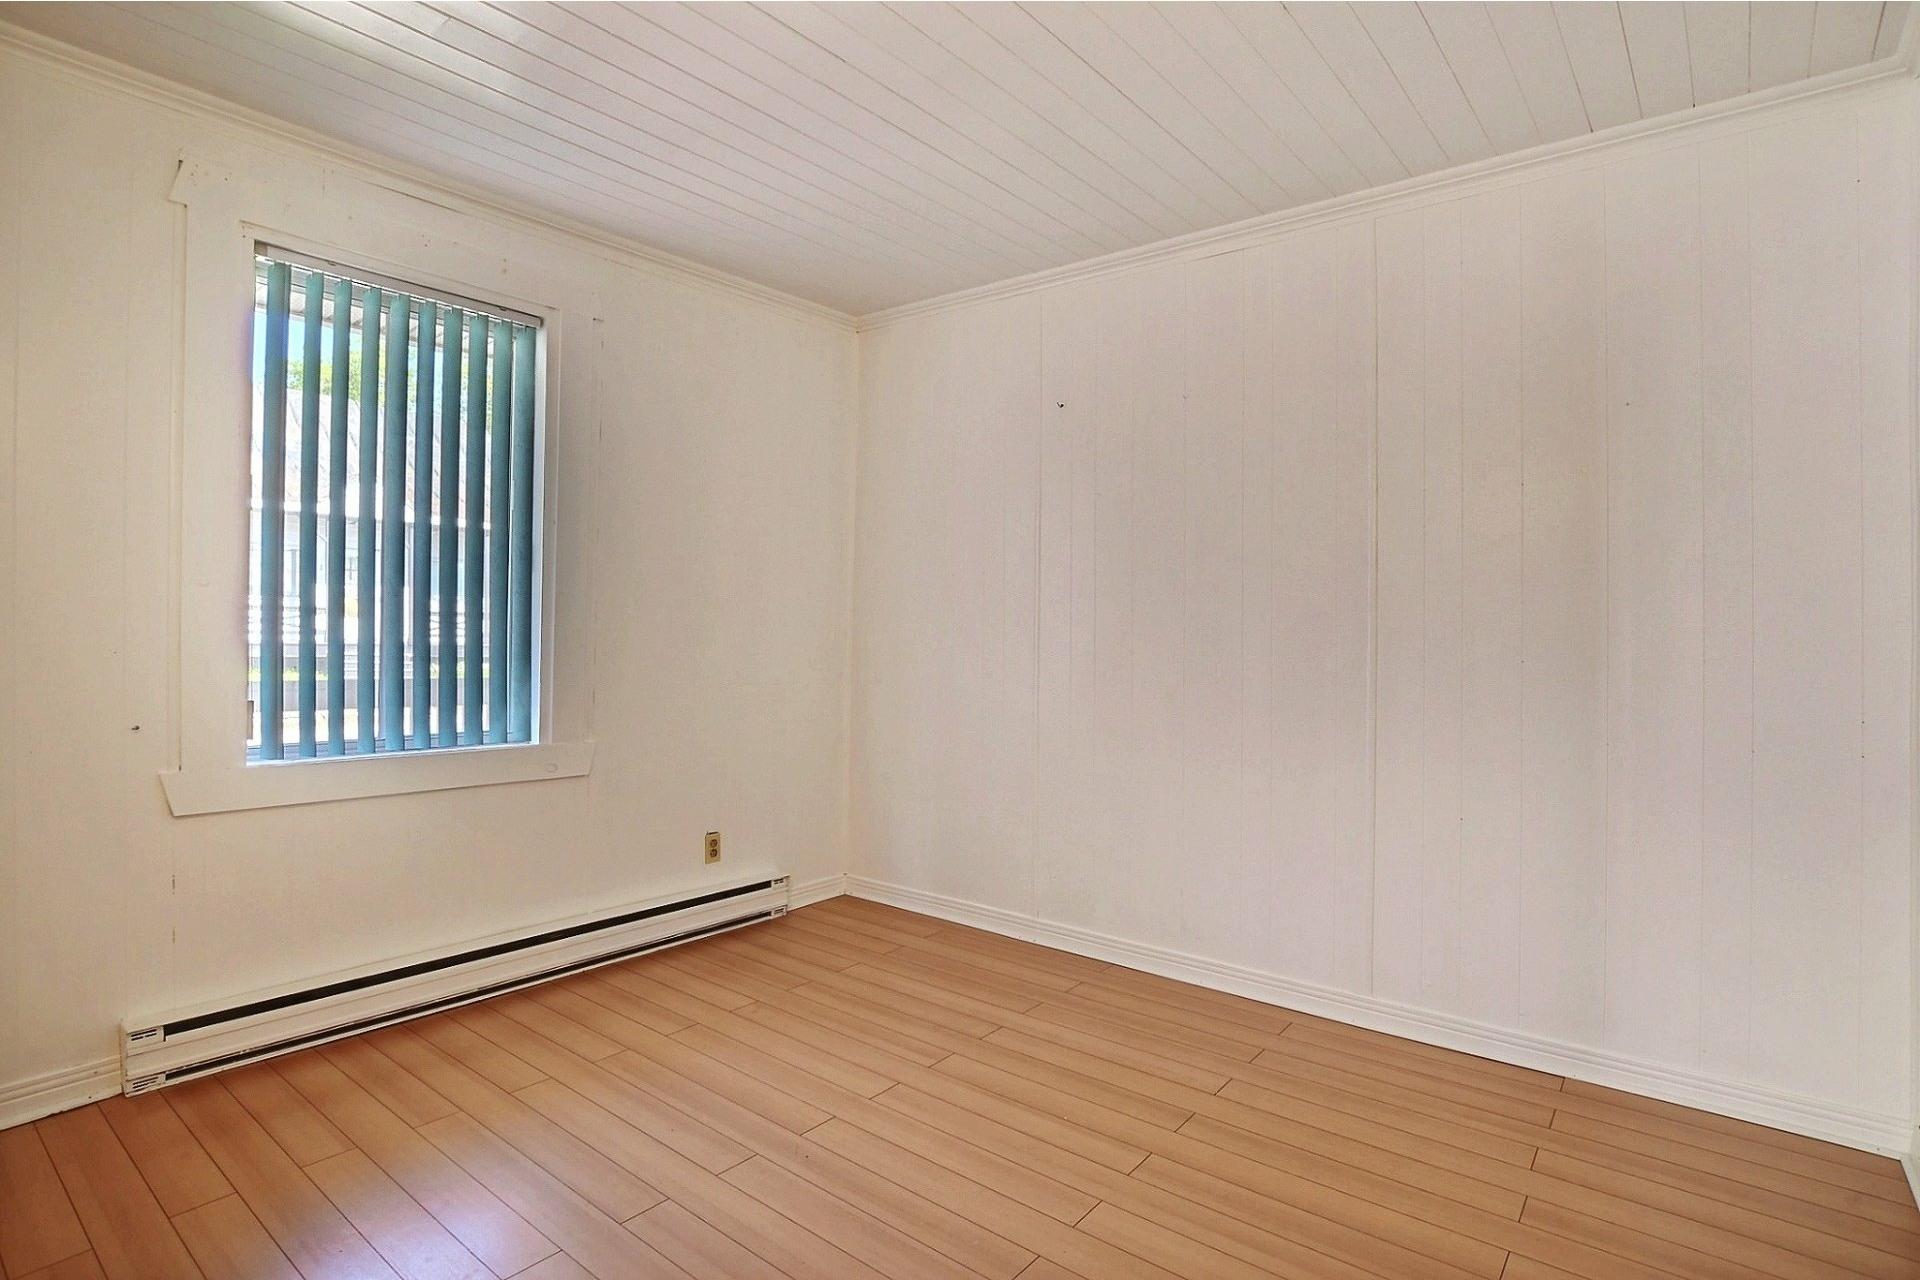 image 8 - Duplex For sale Sainte-Anne-des-Plaines - 4 rooms